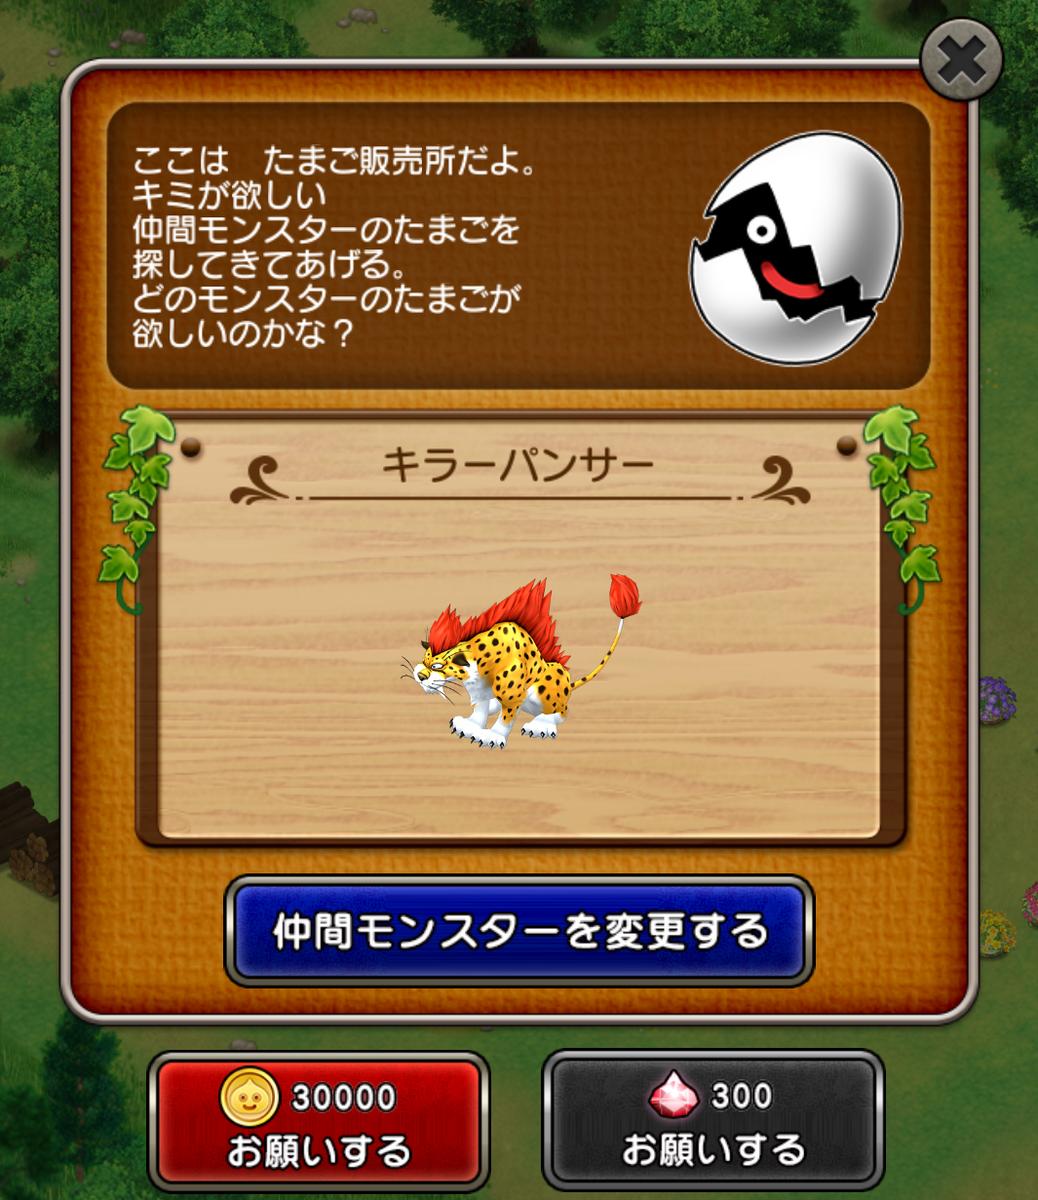 f:id:awawako:20200216164352p:plain